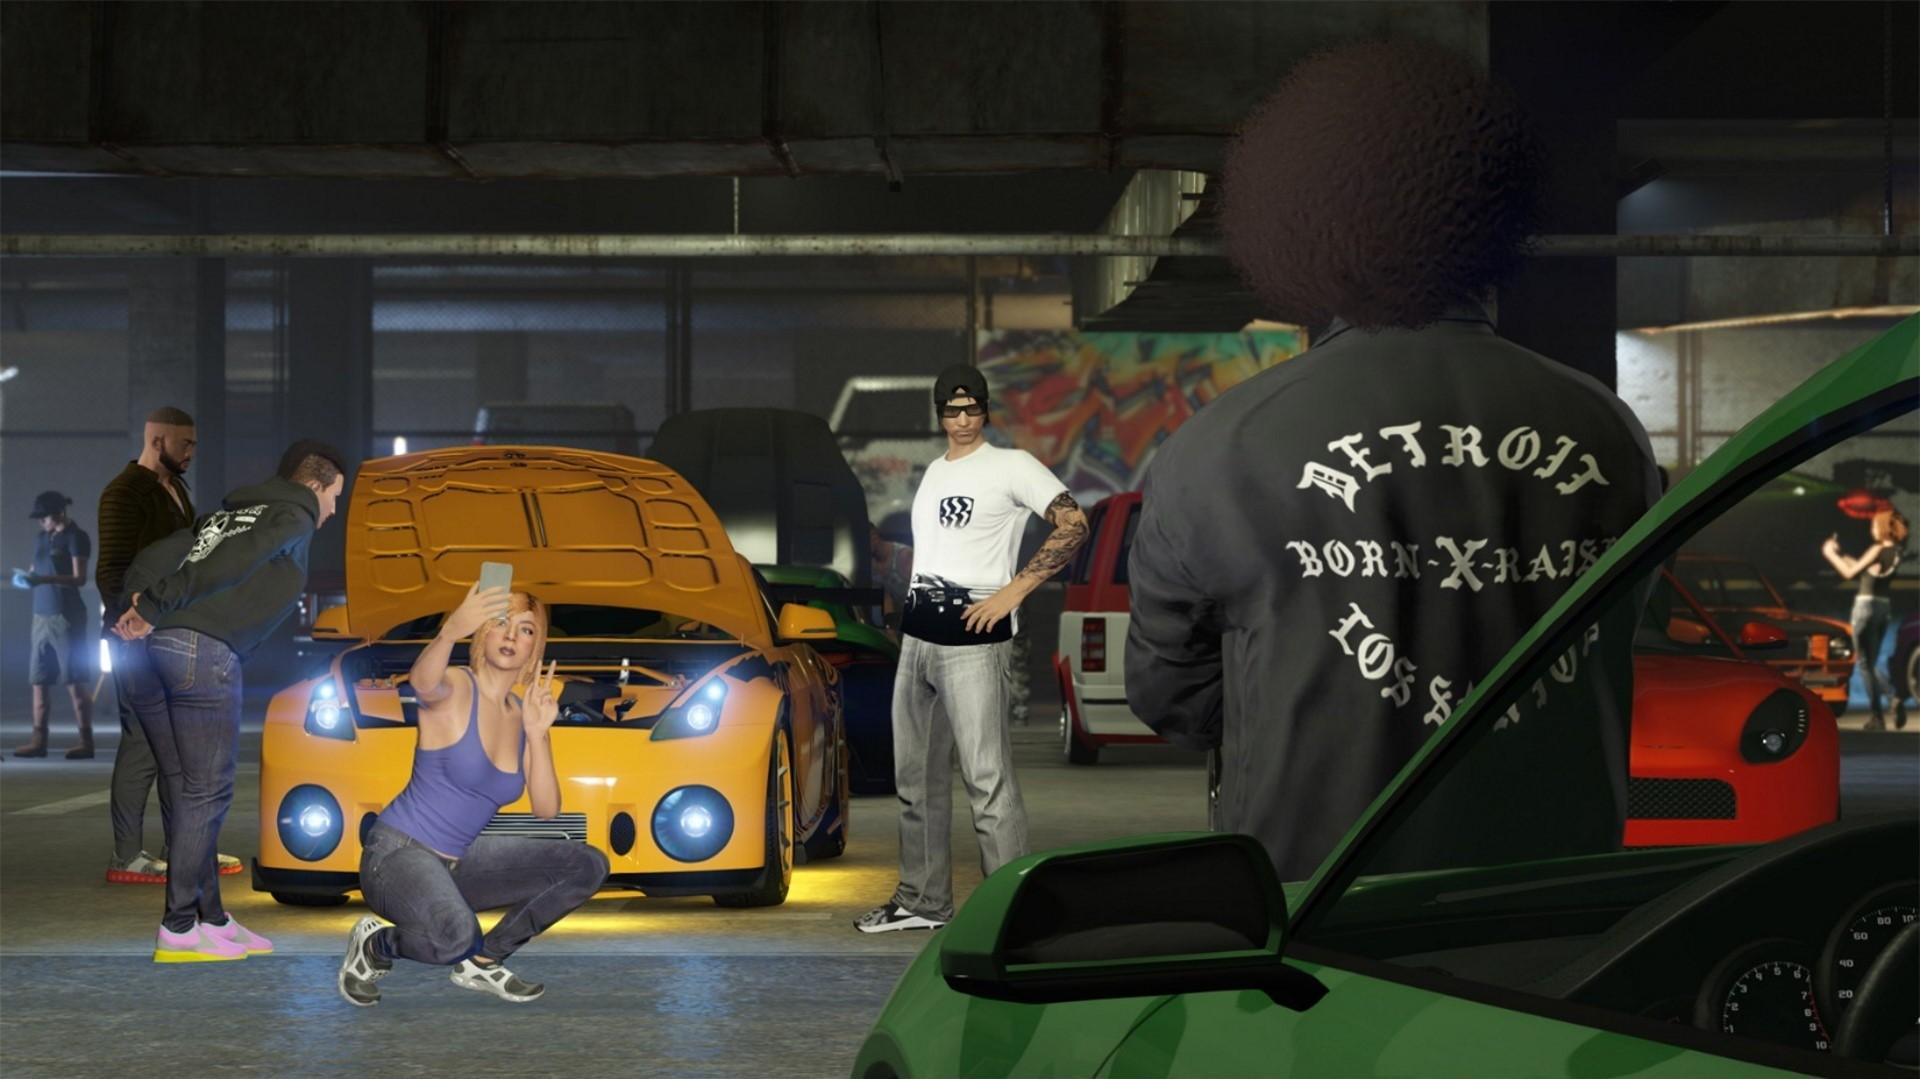 В GTA Online раздают внутриигровую валюту в честь рекордного успеха обновления Los Santos Tuners